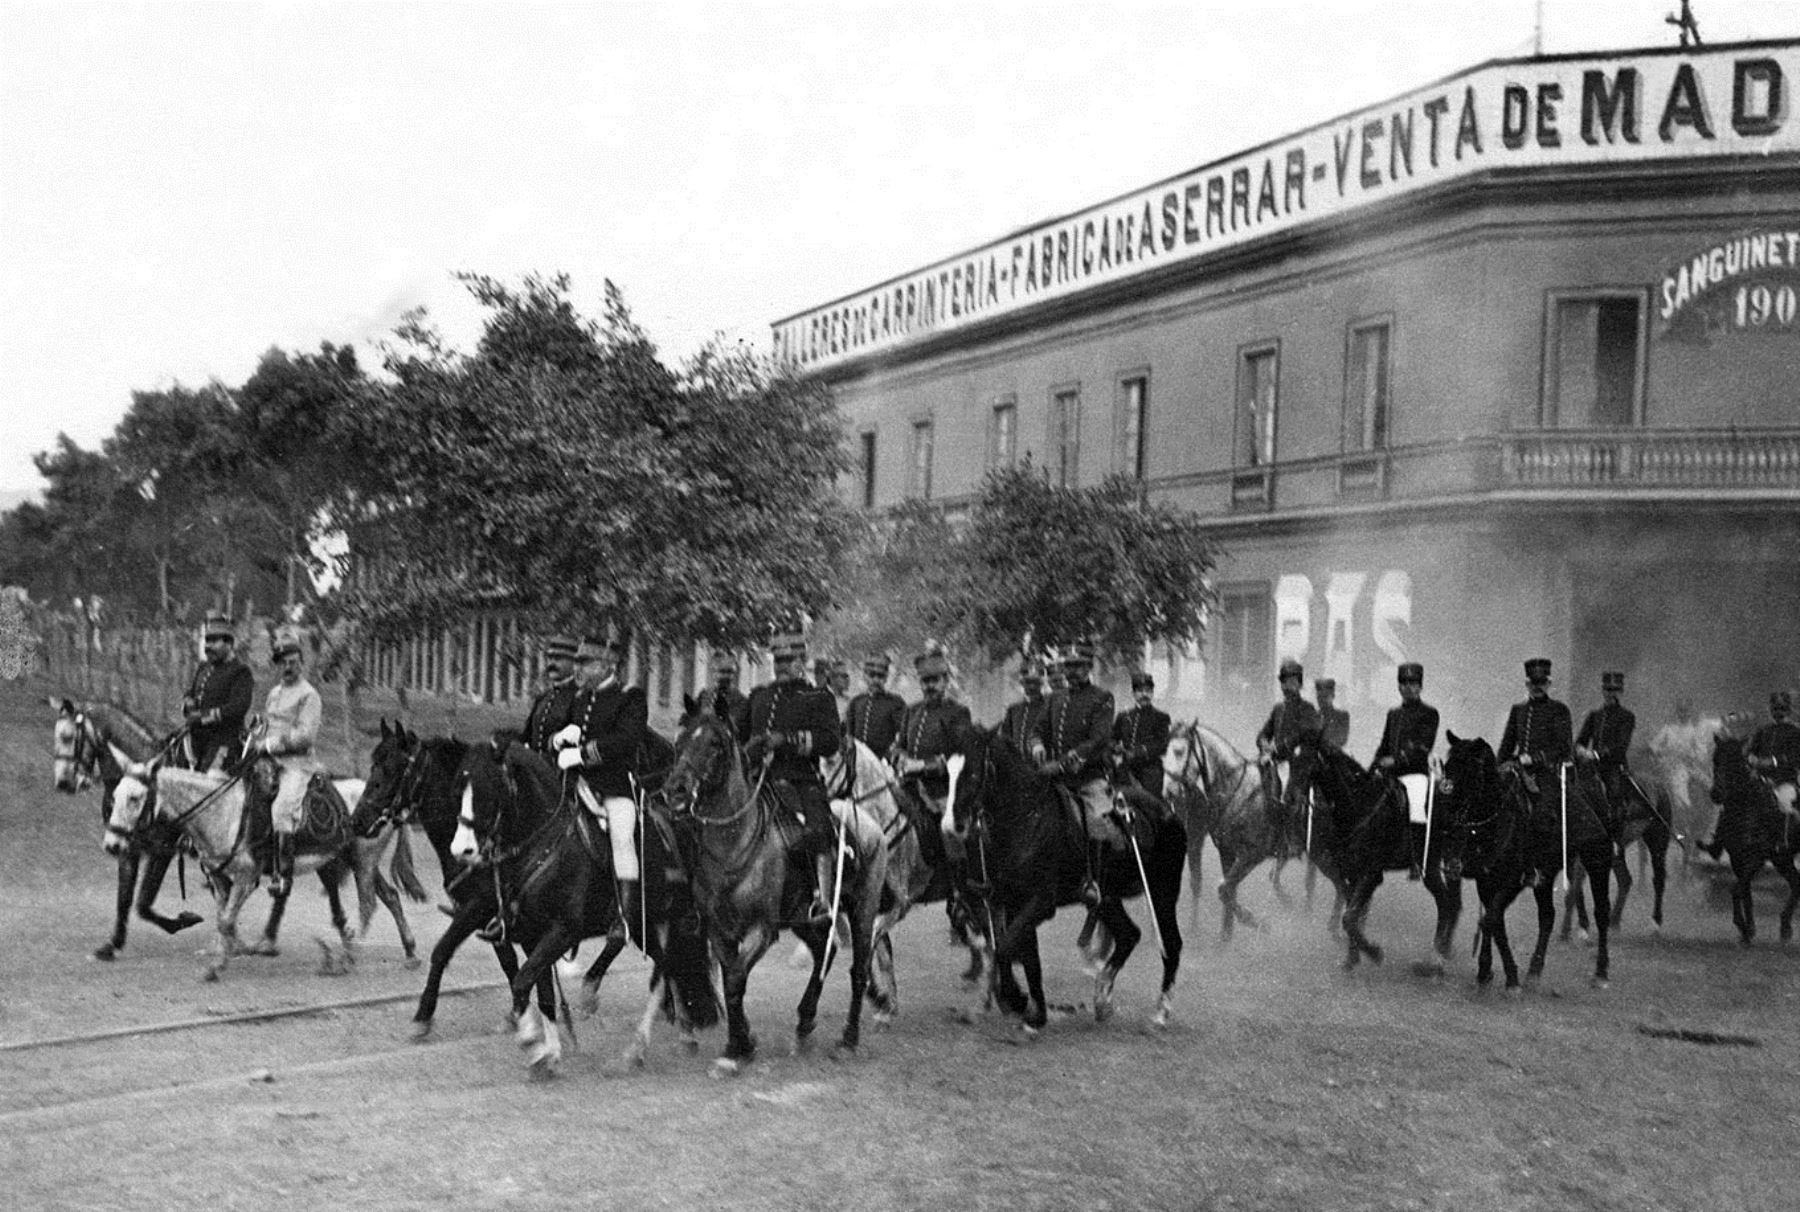 Foto: Archivo El Peruano